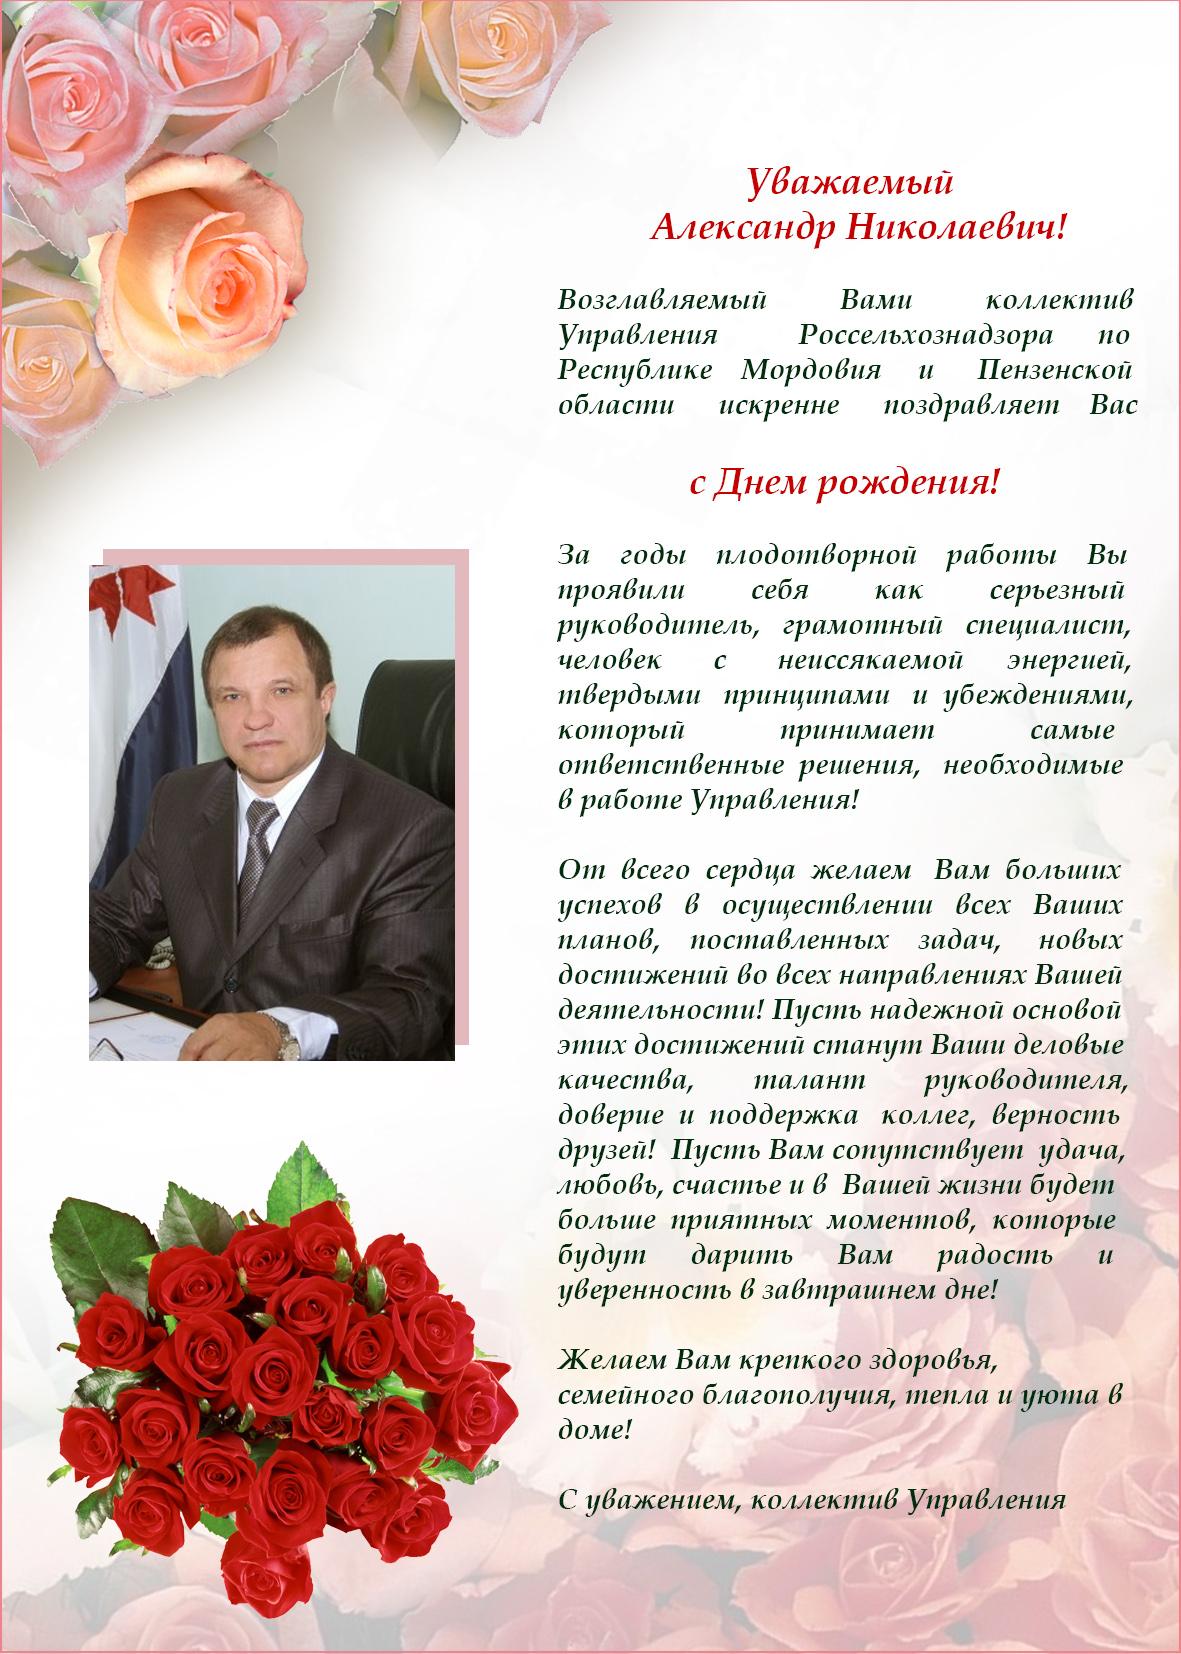 Поздравления начальнику с юбилеем от коллег - Поздравок 43